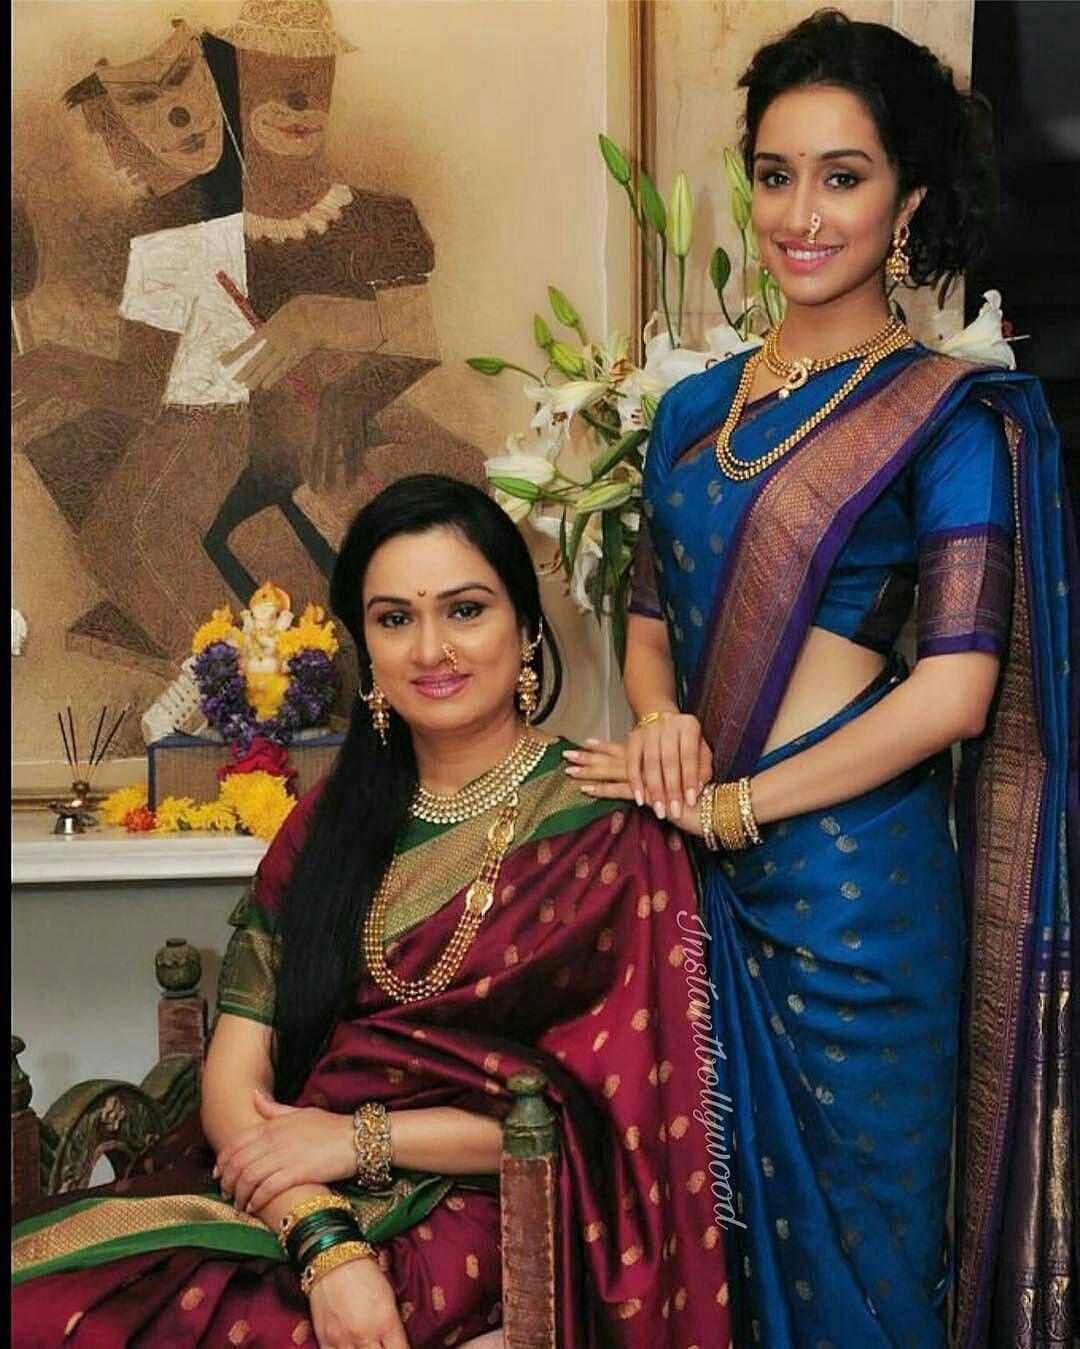 foto Padmini Kolhapure